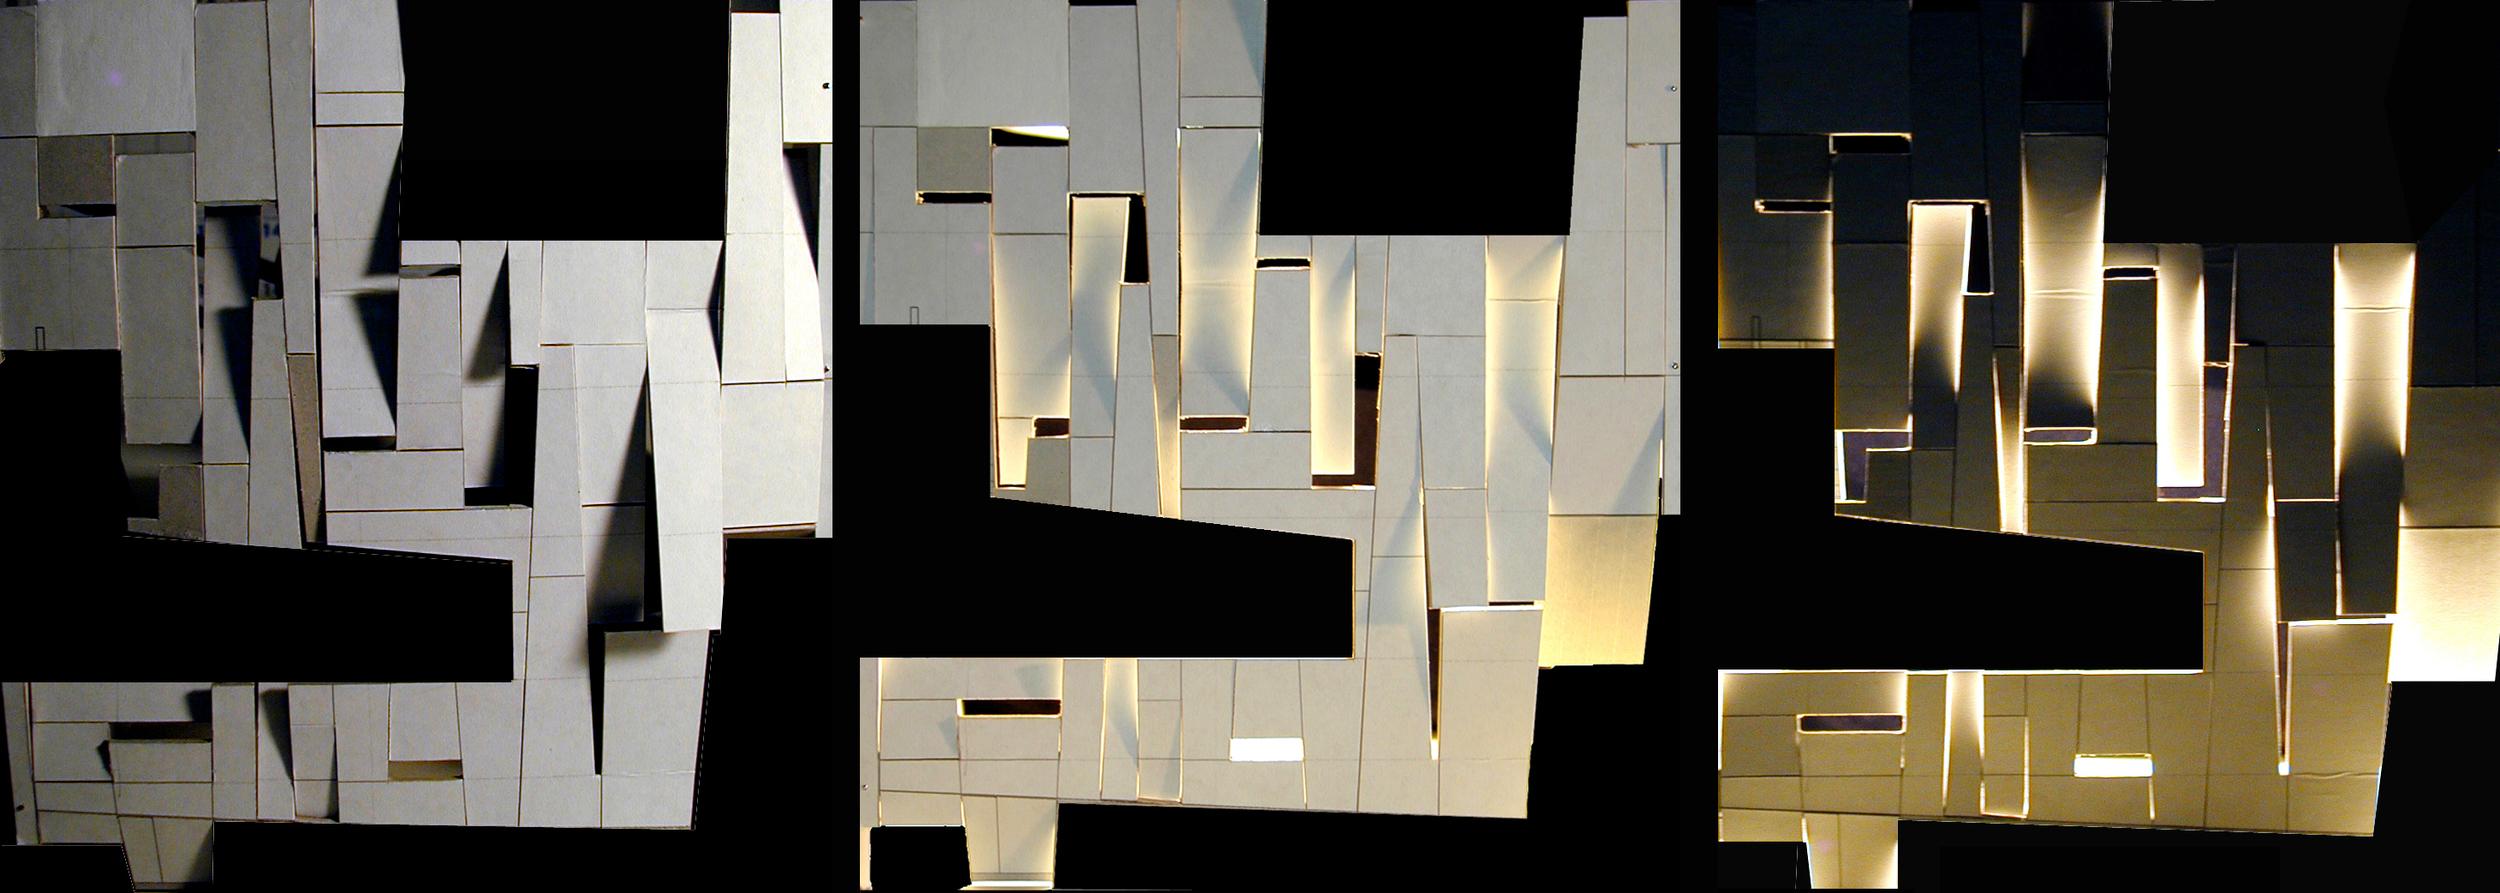 SPERTUS FACADE LIGHT STUDY.jpg